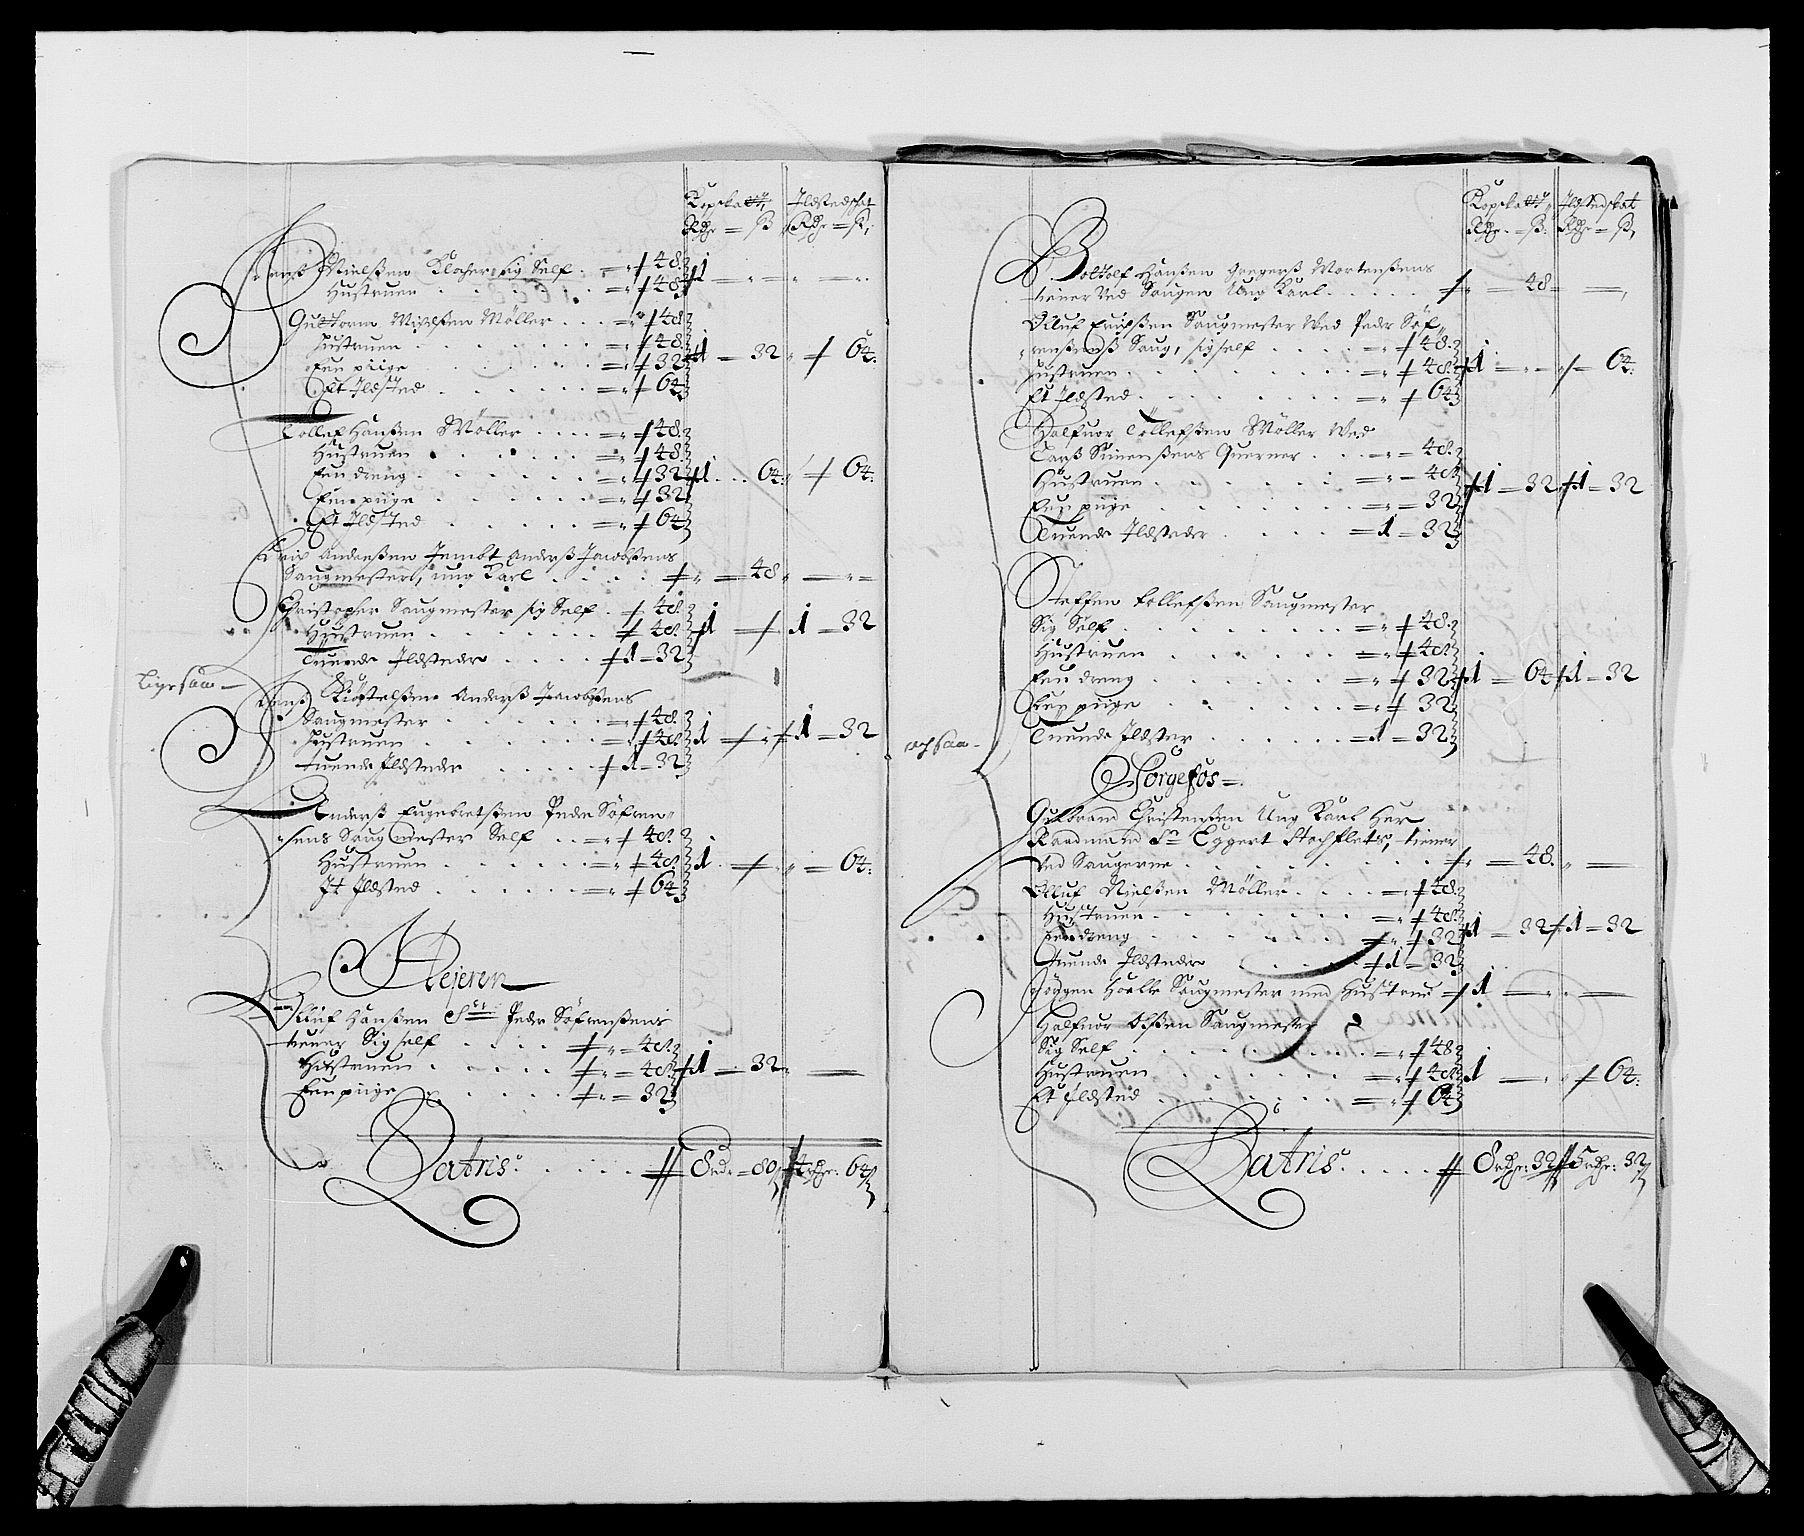 RA, Rentekammeret inntil 1814, Reviderte regnskaper, Fogderegnskap, R21/L1447: Fogderegnskap Ringerike og Hallingdal, 1687-1689, s. 202